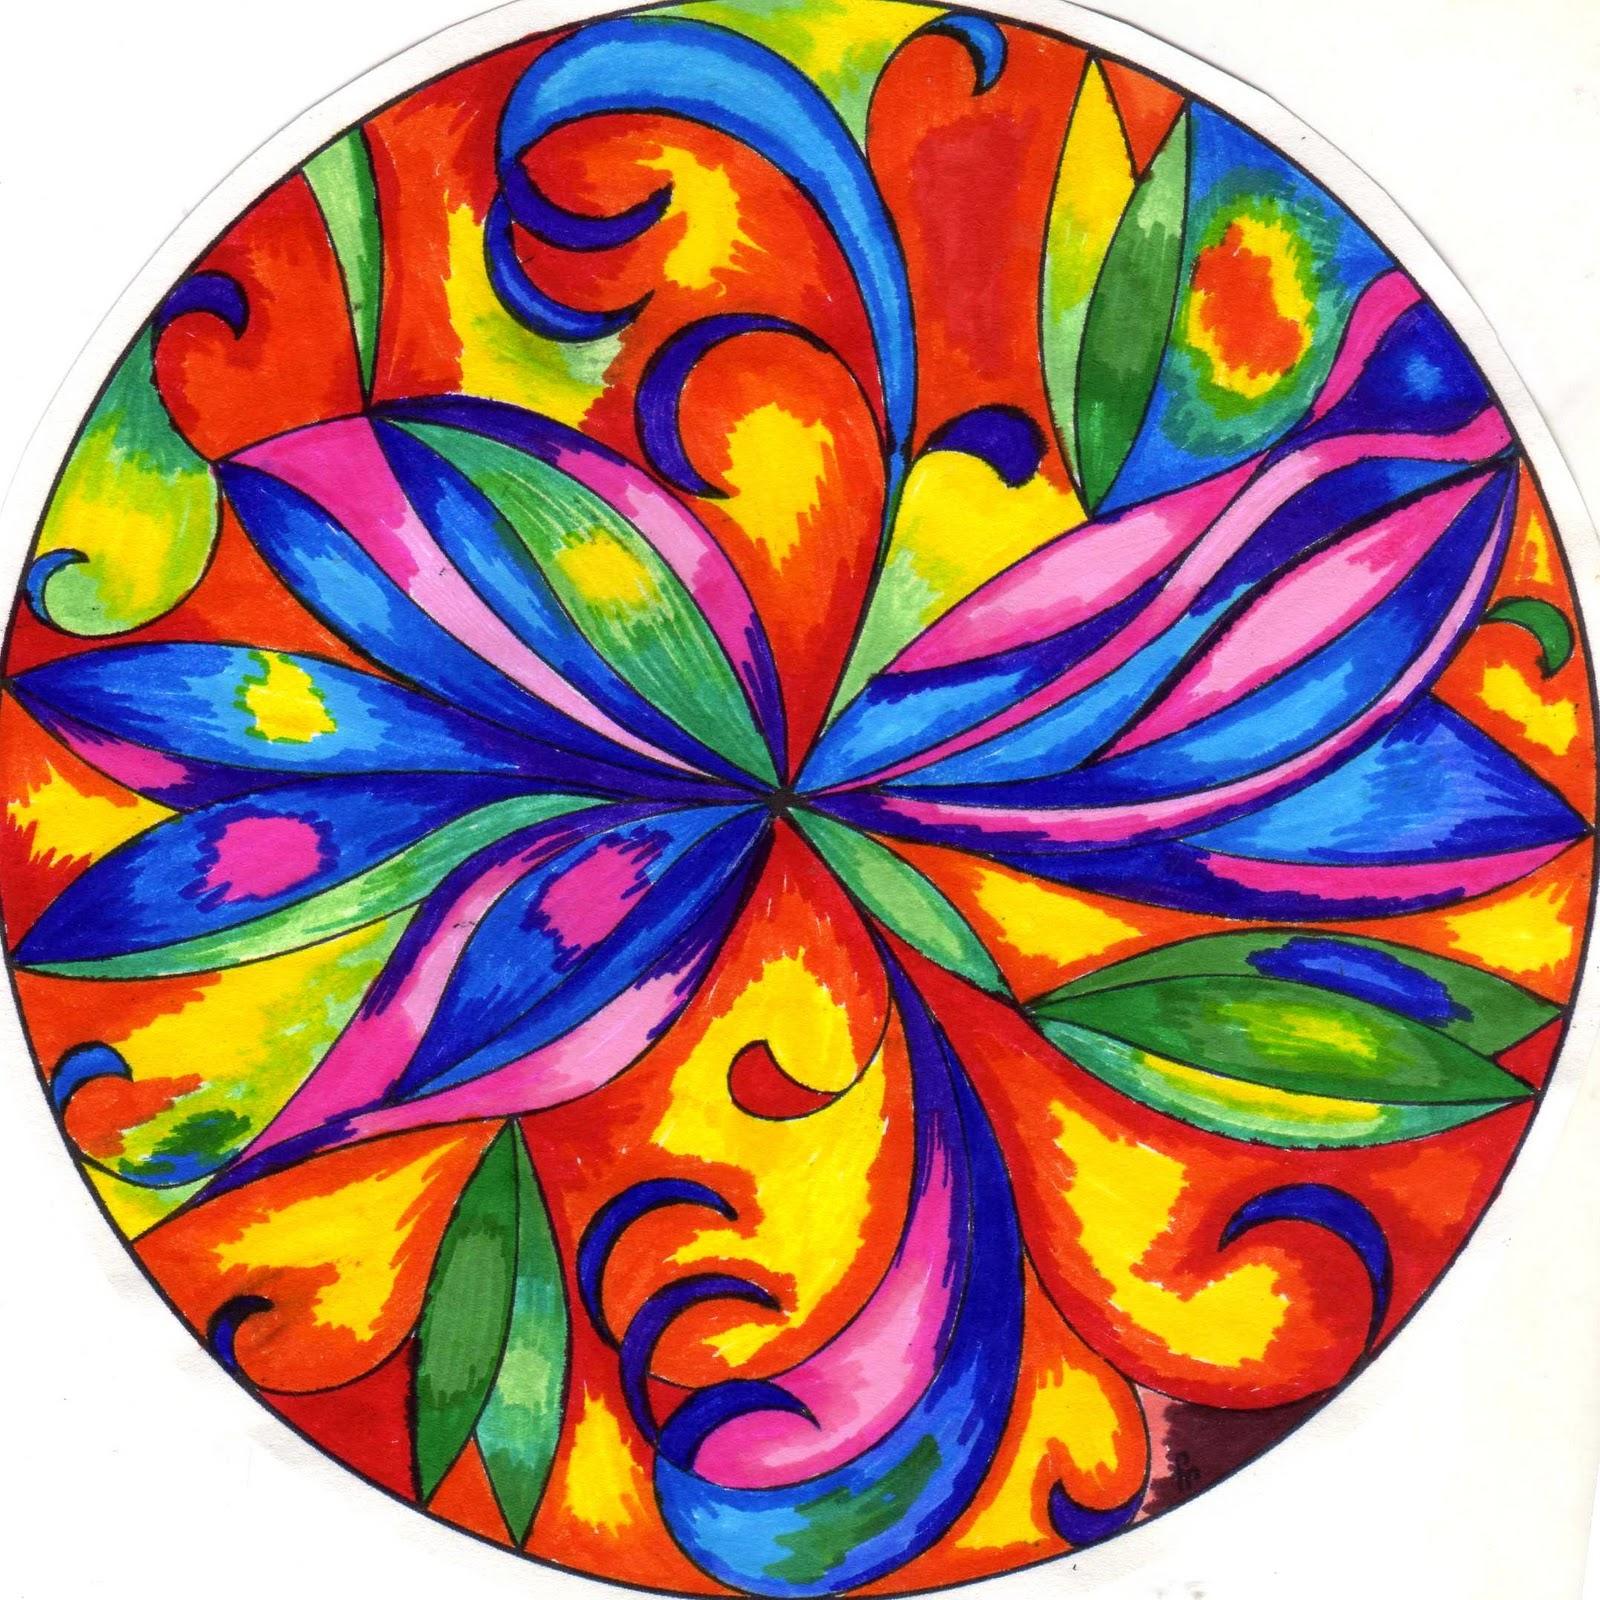 El delirio del Lirium Mandalas pintando diseos ajenos 1